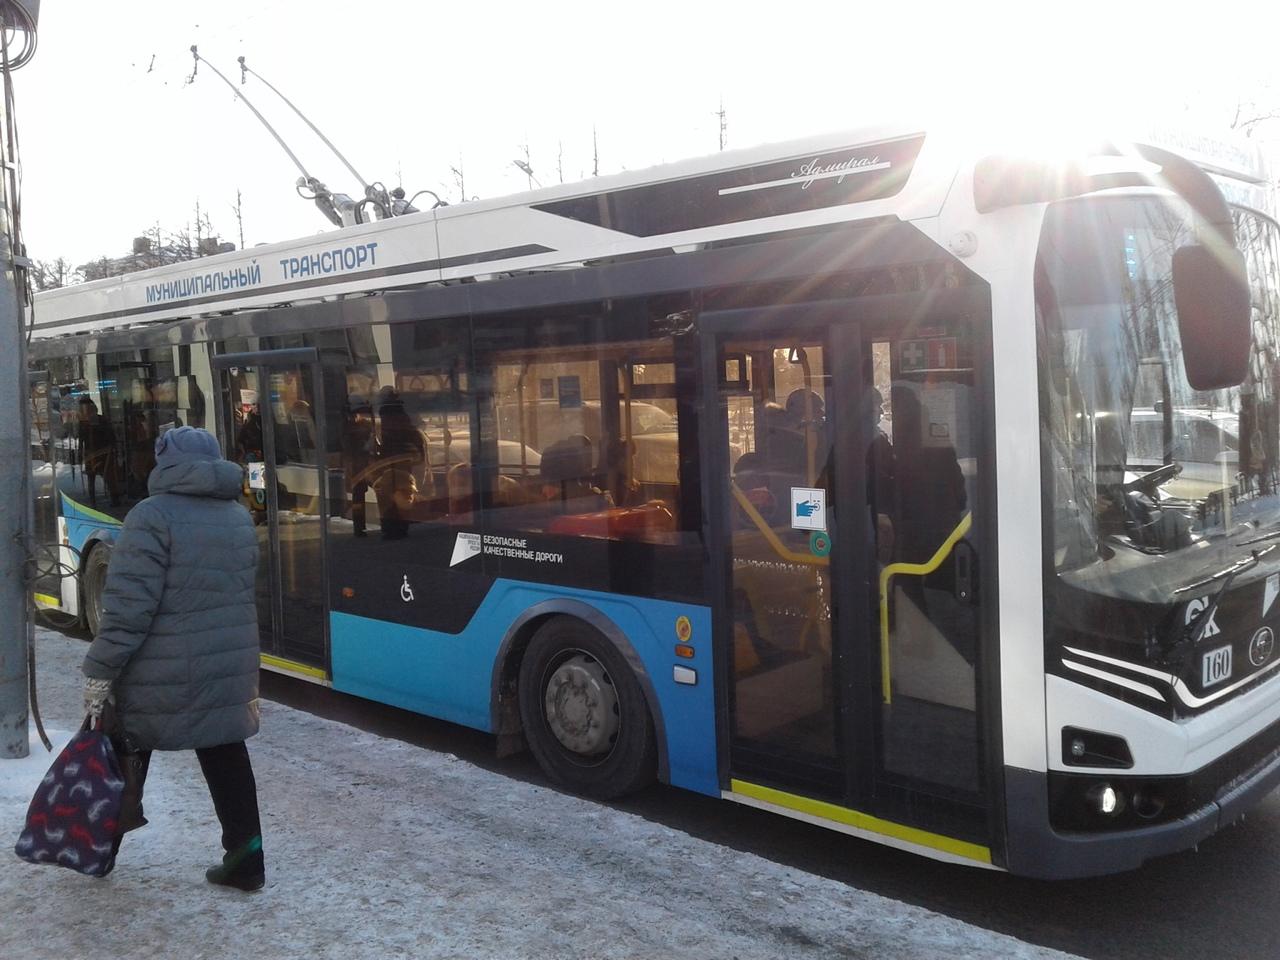 В омском троллейбусе нашли отравленного подростка #Новости #Общество #Омск